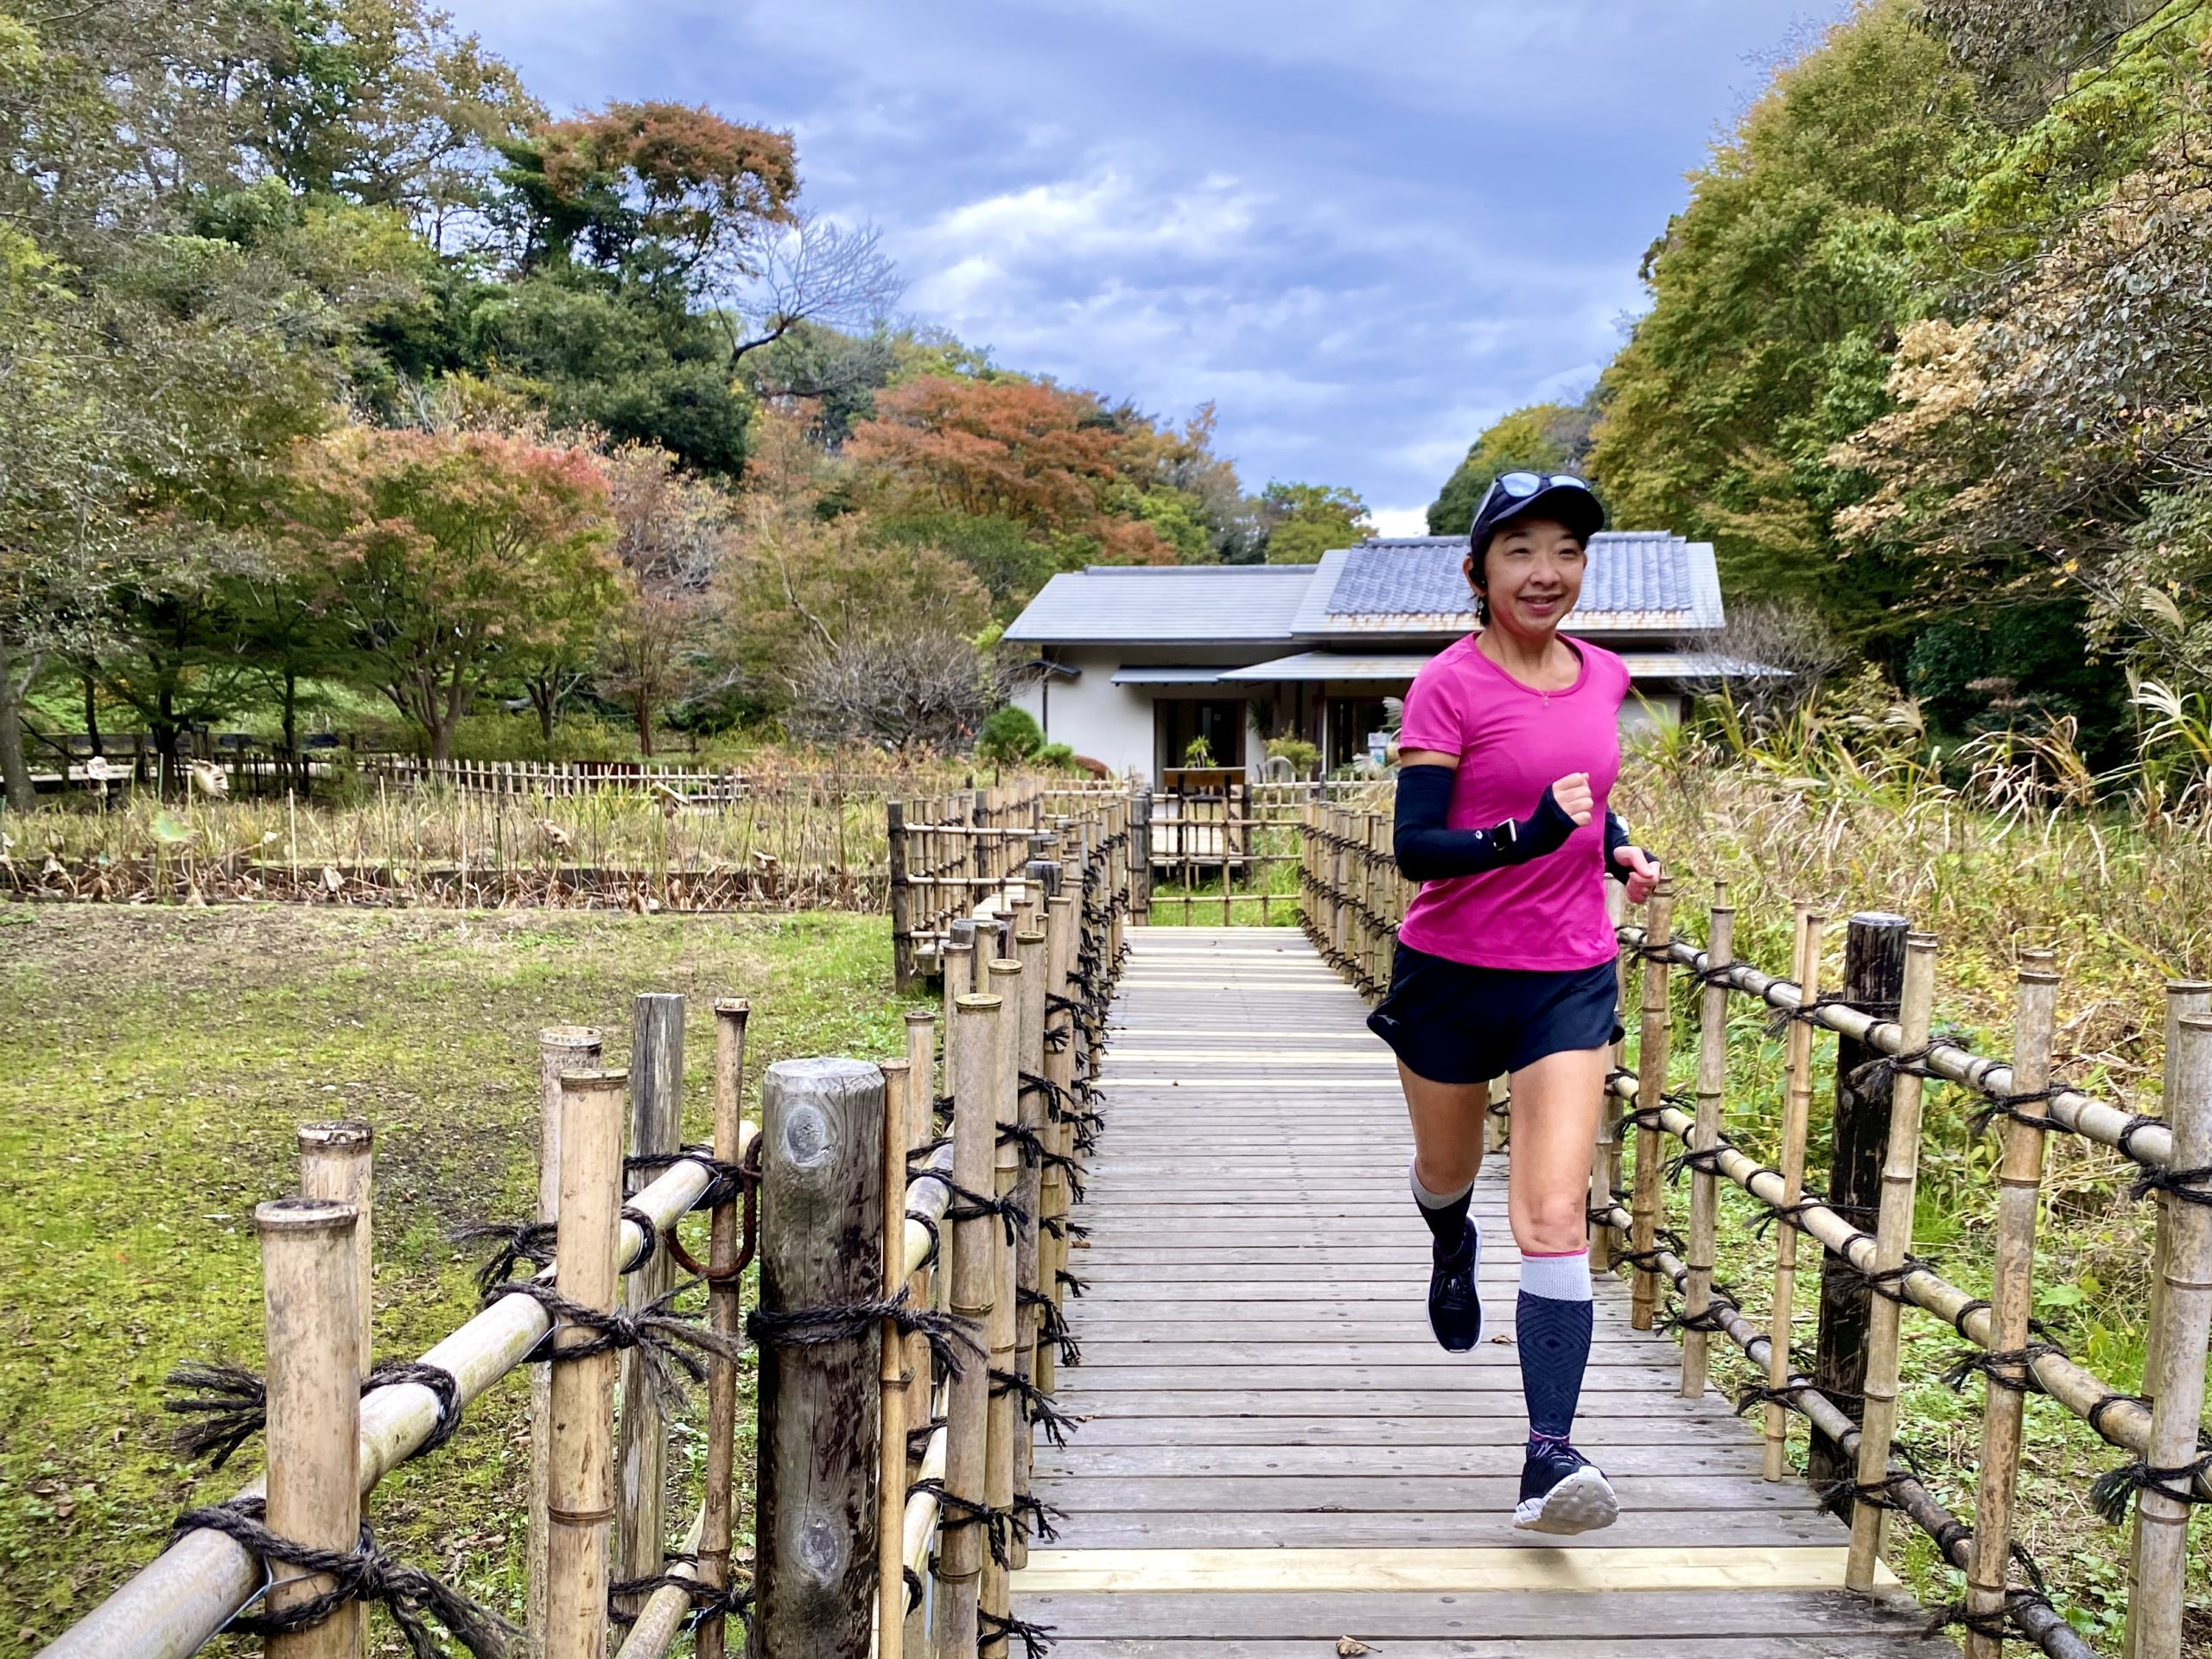 ソックウェル着圧ランニング靴下で鎌倉中央公園ラン